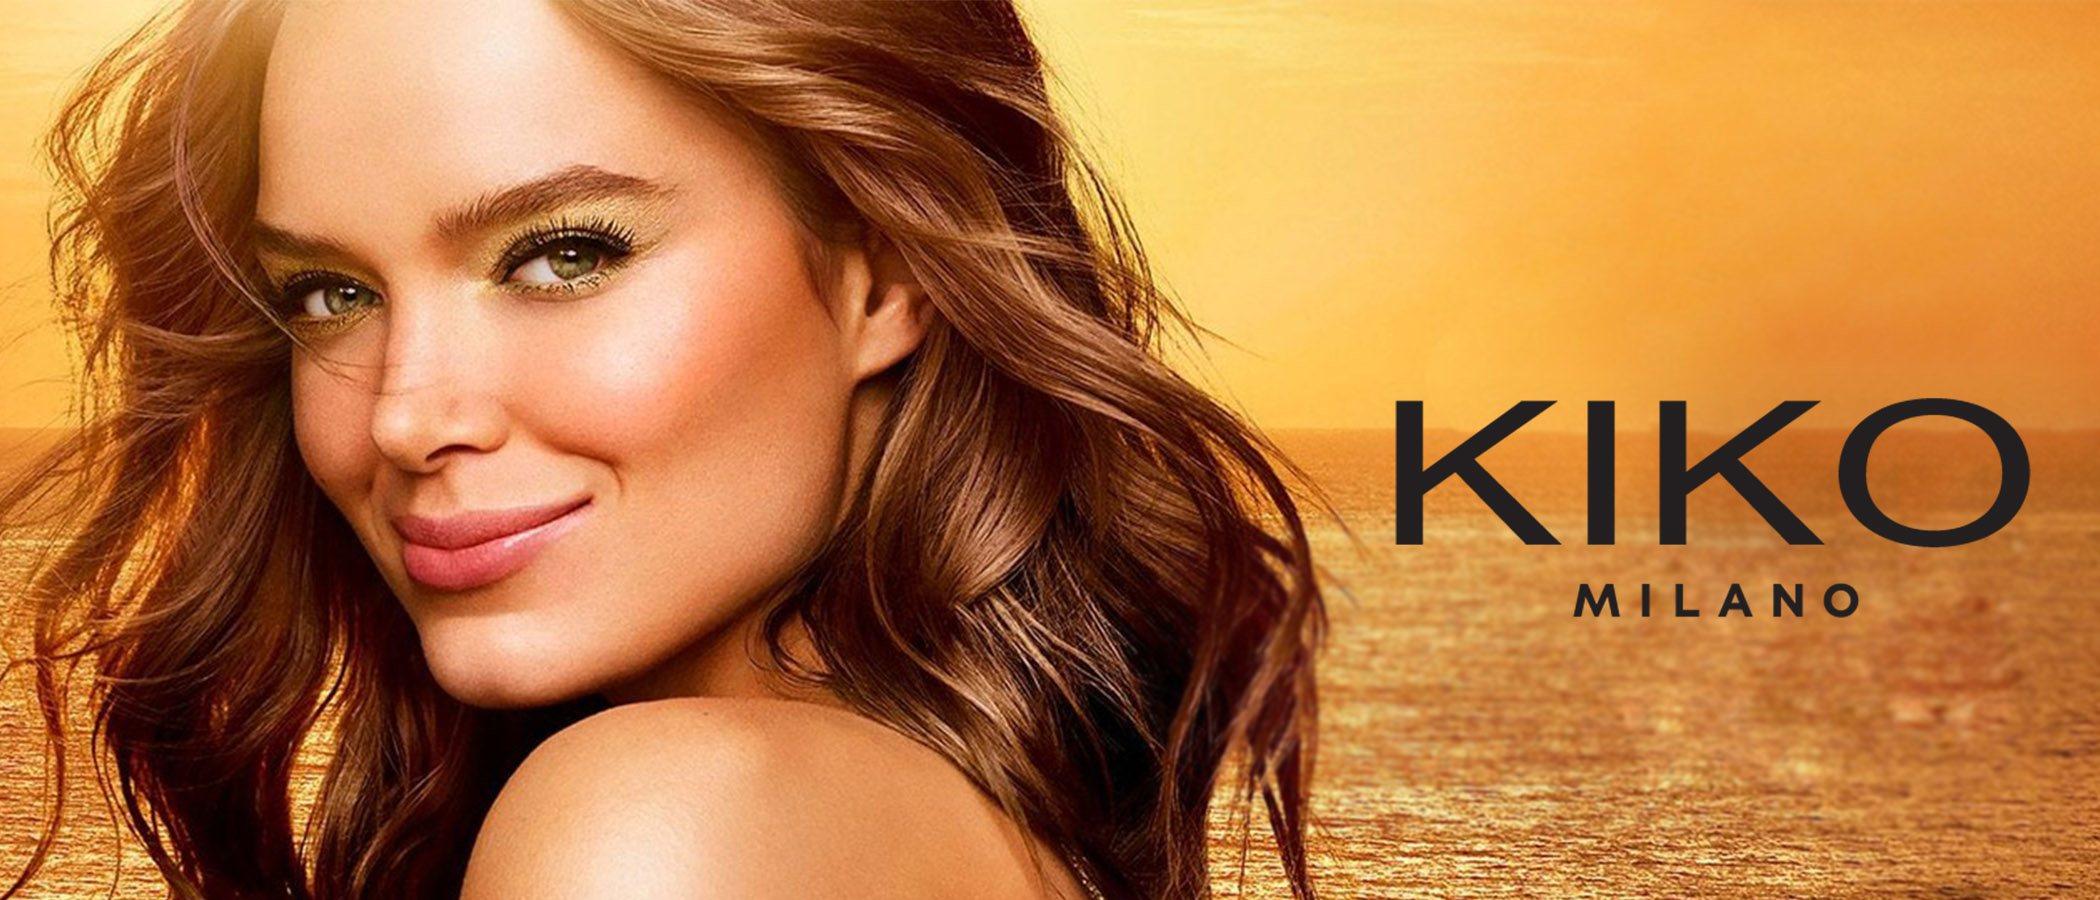 Kiko da la bienvenida al verano con su nueva colección de maquillaje 'Gold Waves'